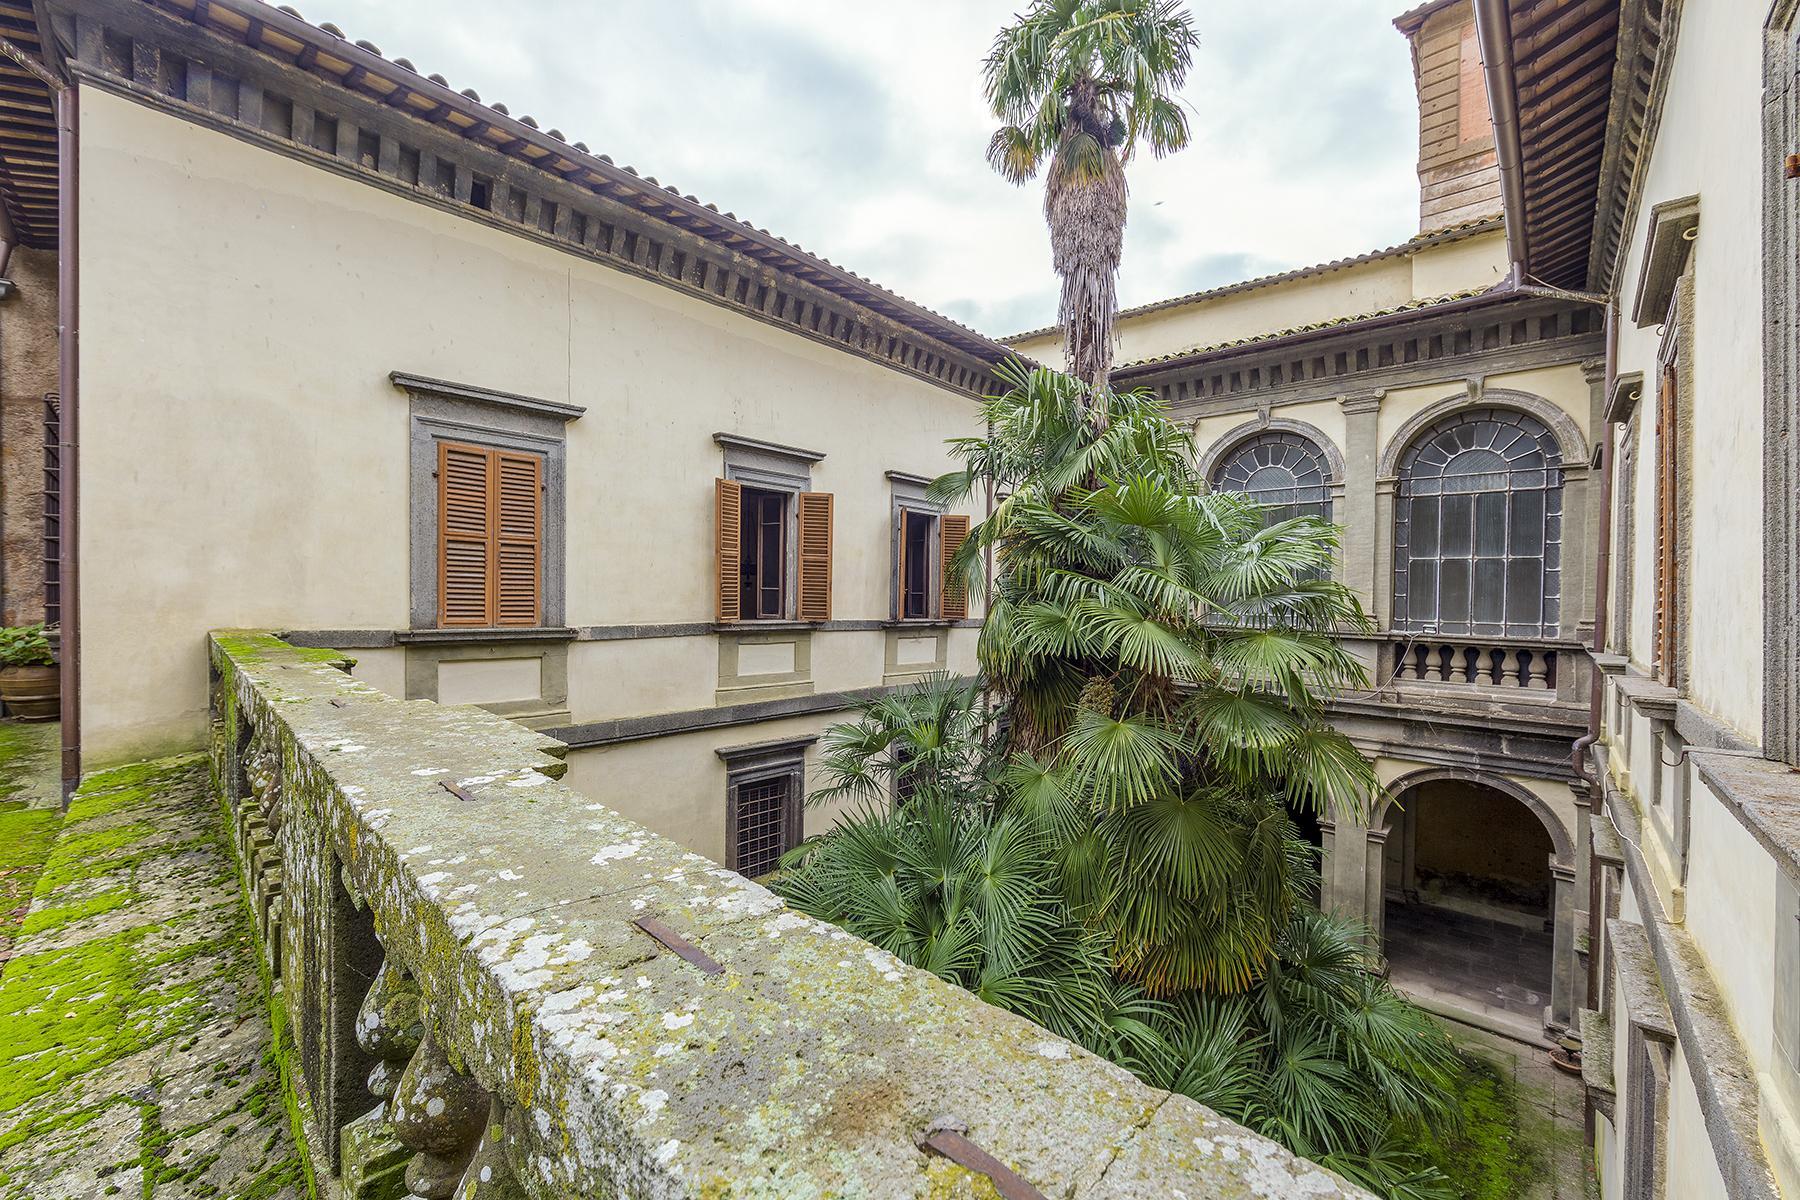 Прекрасный дворец в стиле Ренессанса - 22